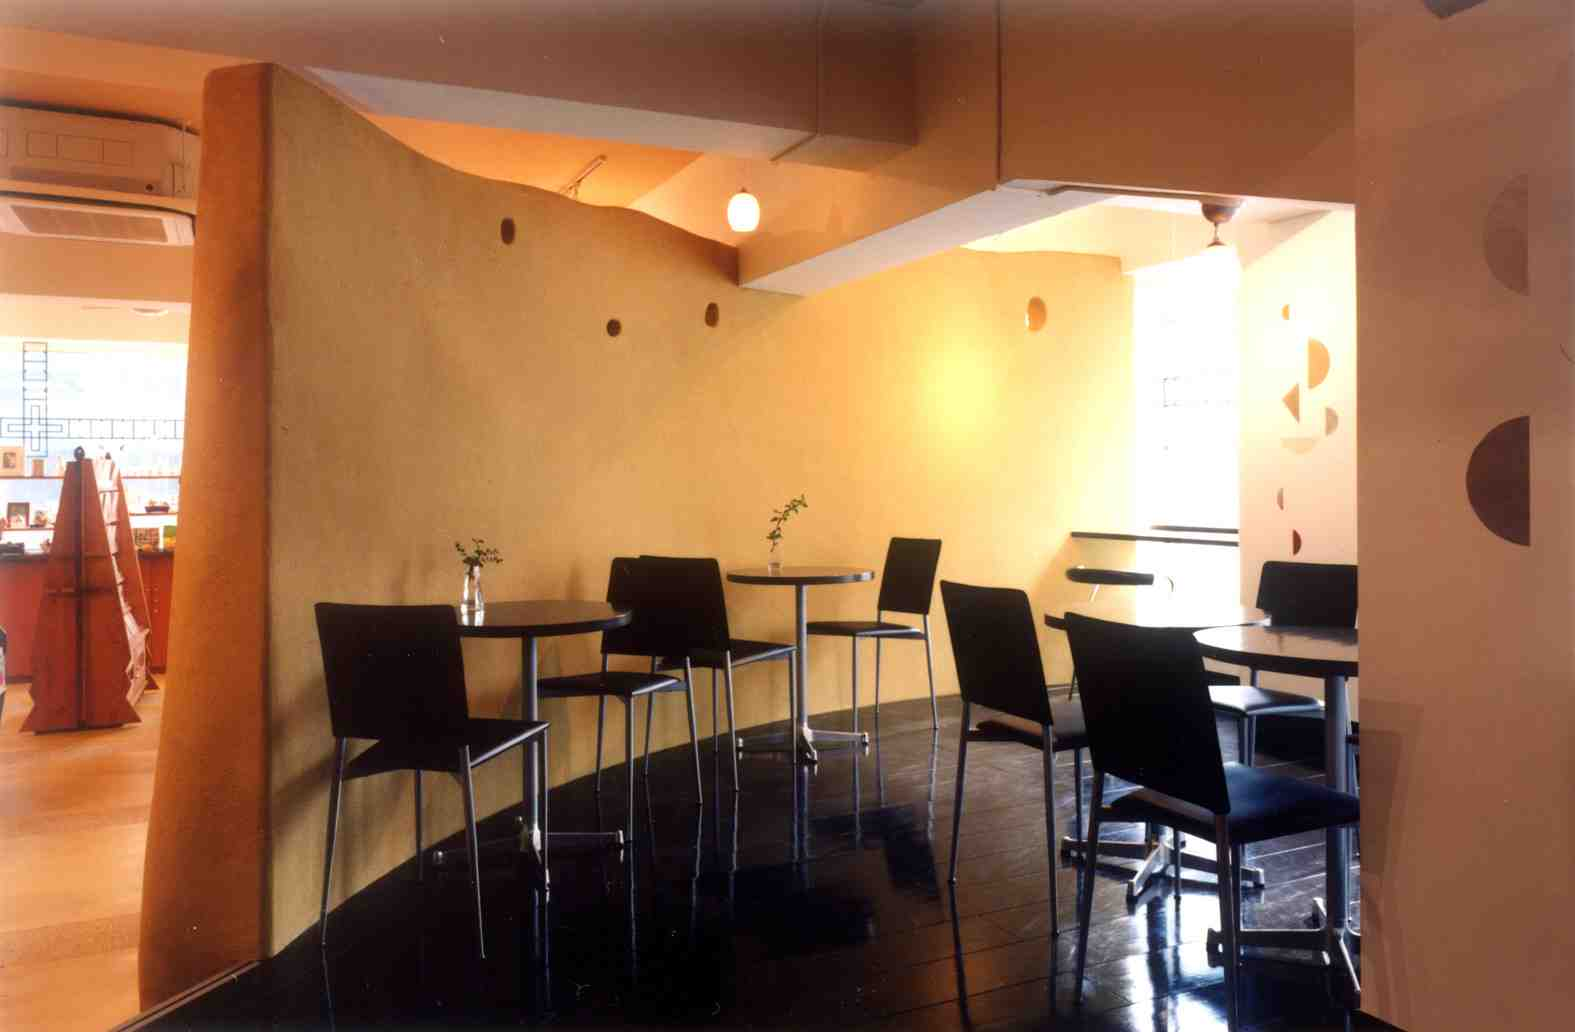 カフェと雑貨店を仕切る壁